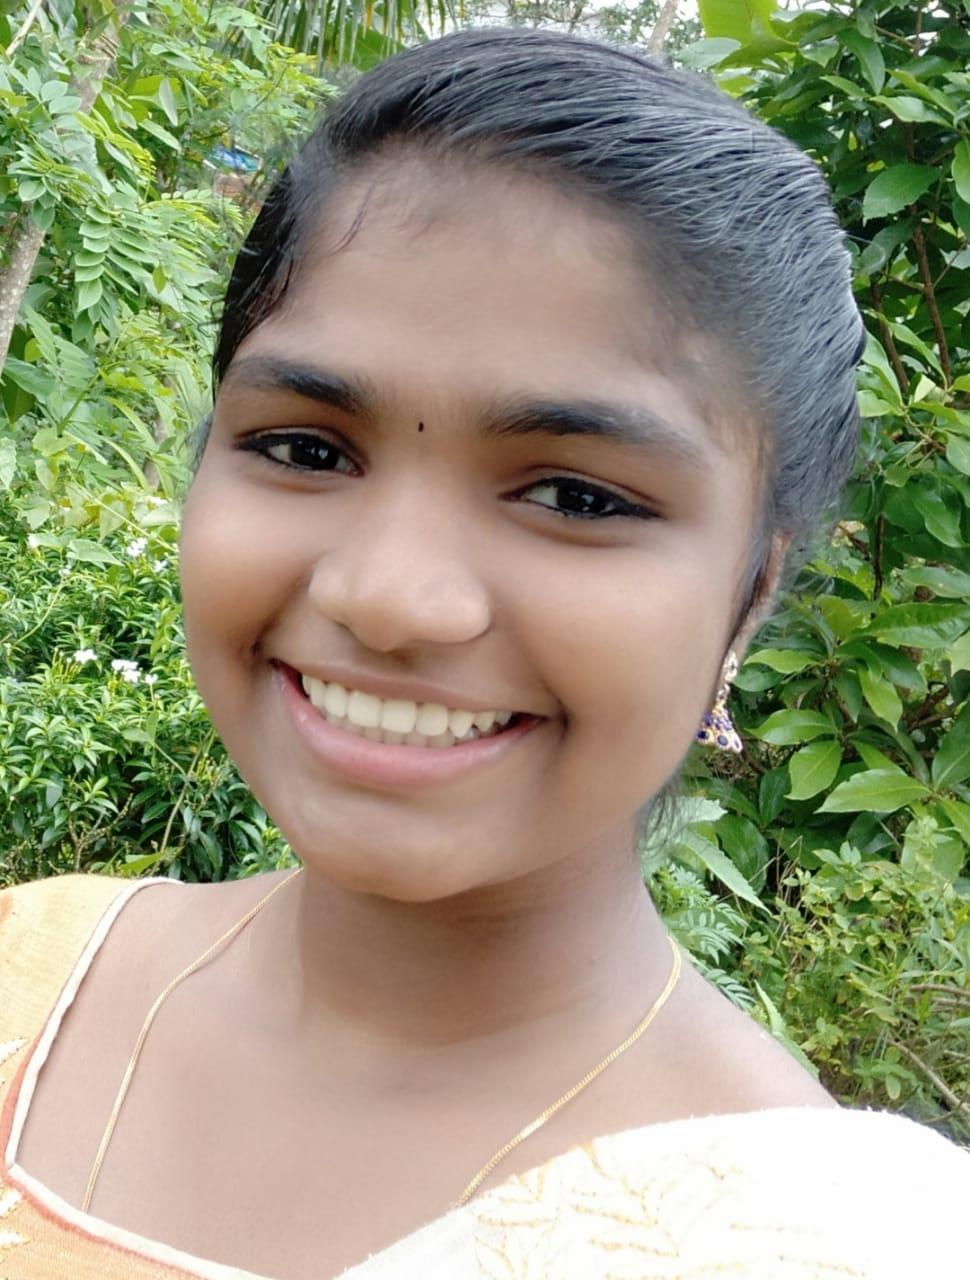 ಮಂಗಳೂರಿನಲ್ಲಿ 19 ವರ್ಷದ  ಕಾಲೇಜು ವಿದ್ಯಾರ್ಥಿನಿ ಆತ್ಮಹತ್ಯೆ- ಕಾರಣ ಅಸ್ಪಷ್ಟ